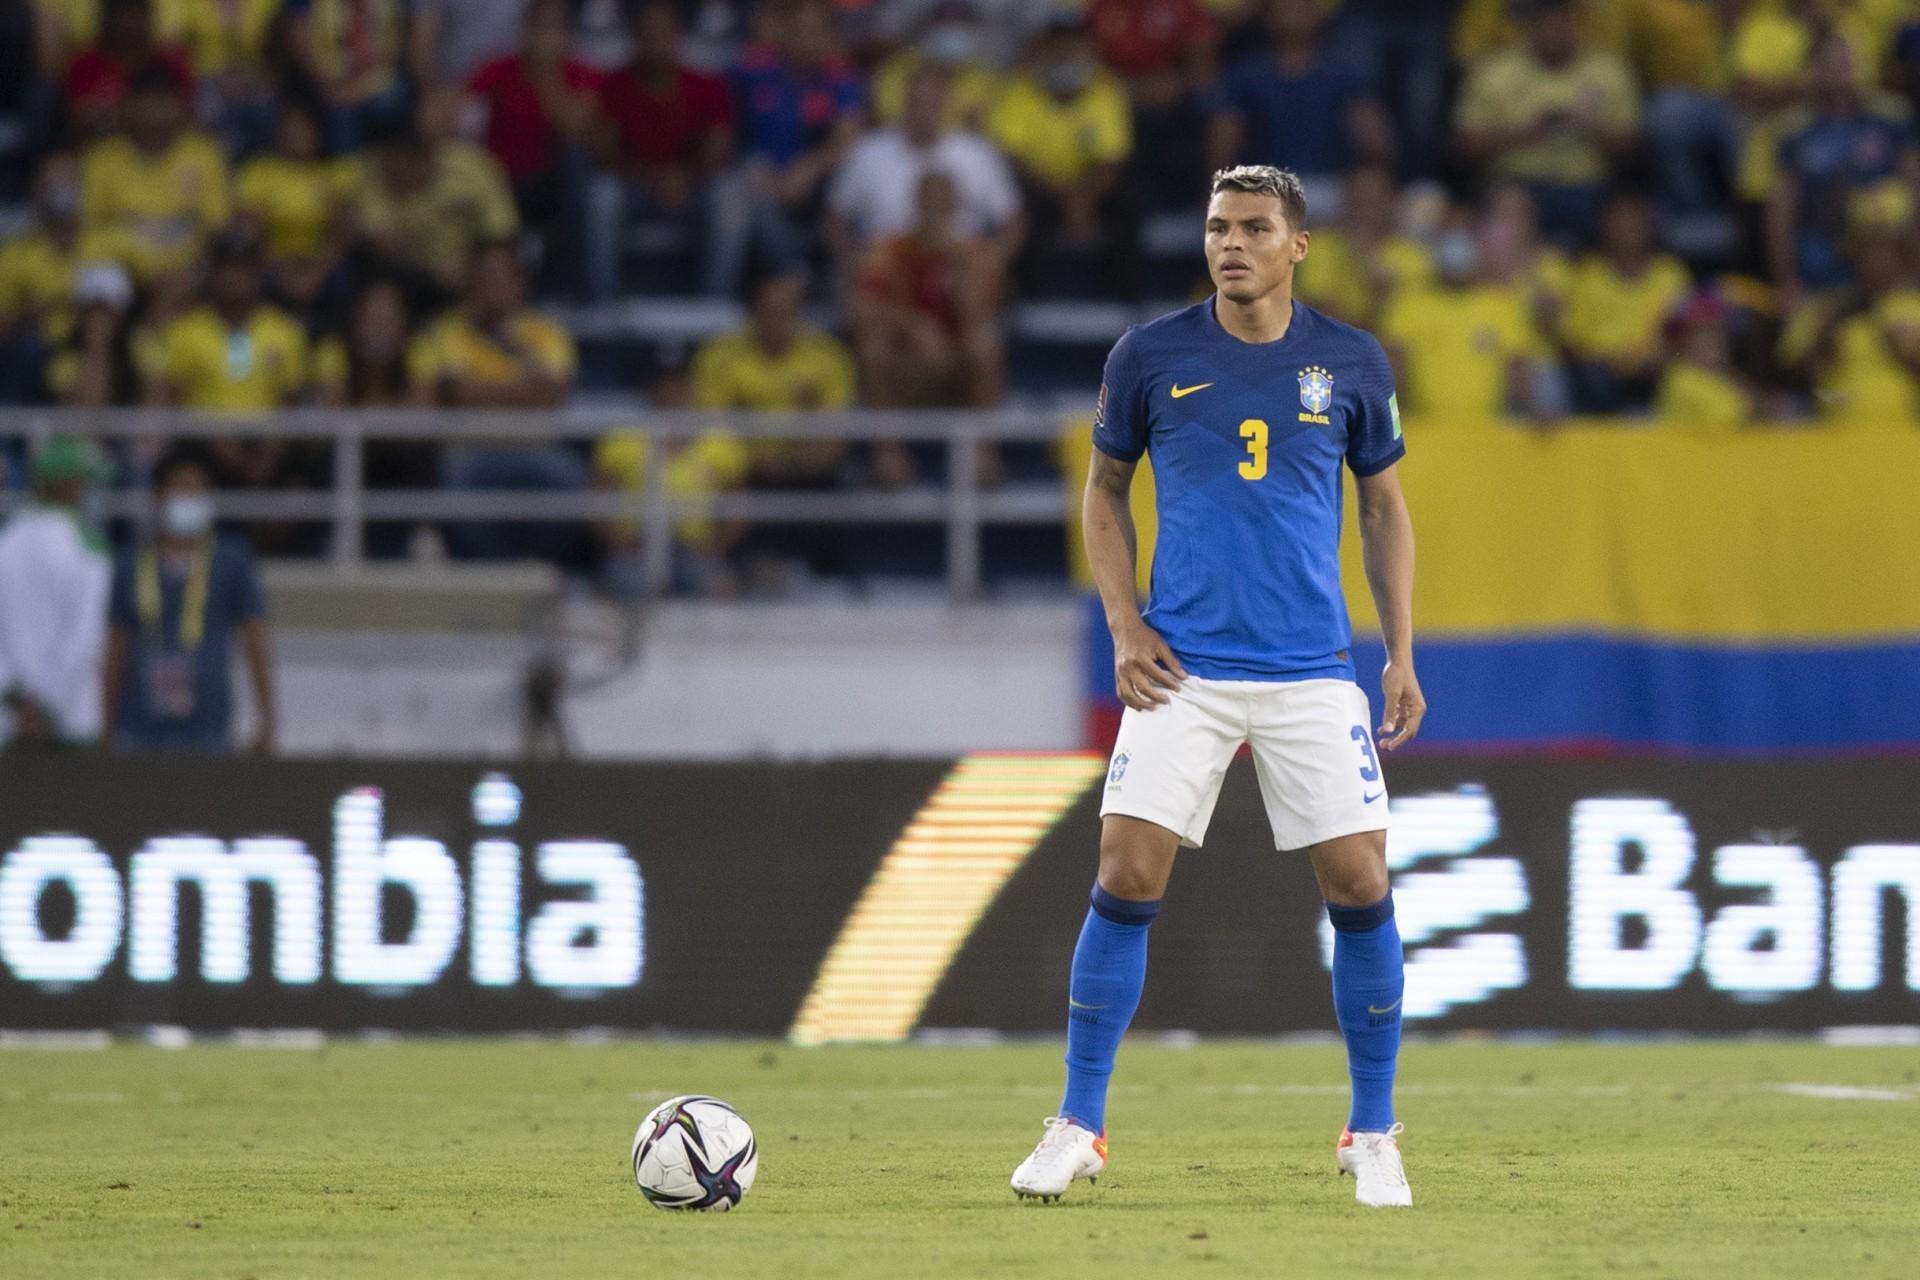 Zagueiro Thiago Silva admitiu desempenho decepcionante do Brasil contra a Colômbia (Foto: Lucas Figueiredo/CBF)